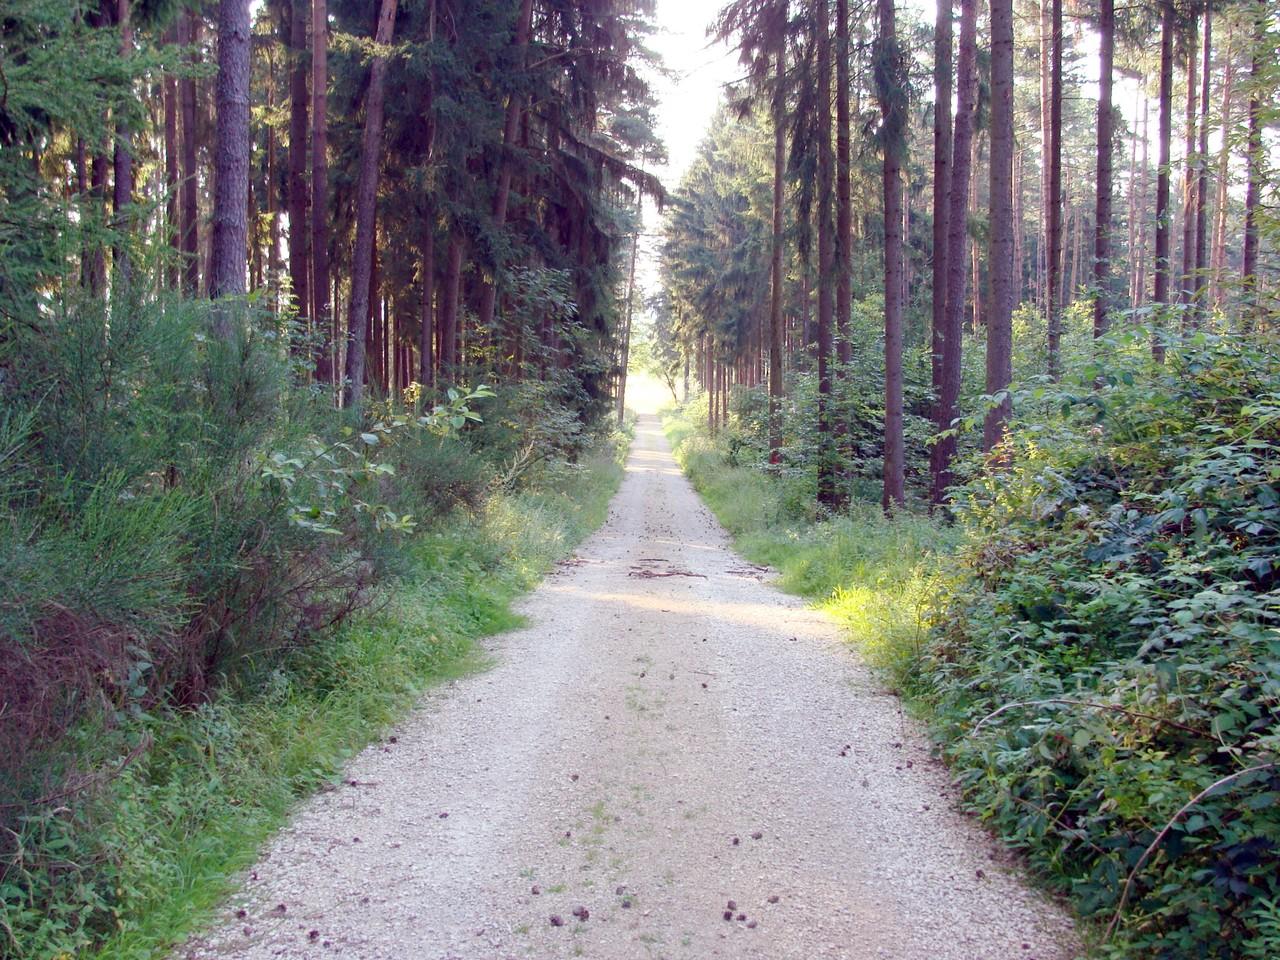 Der Weg führt duch einen kleinen Wald